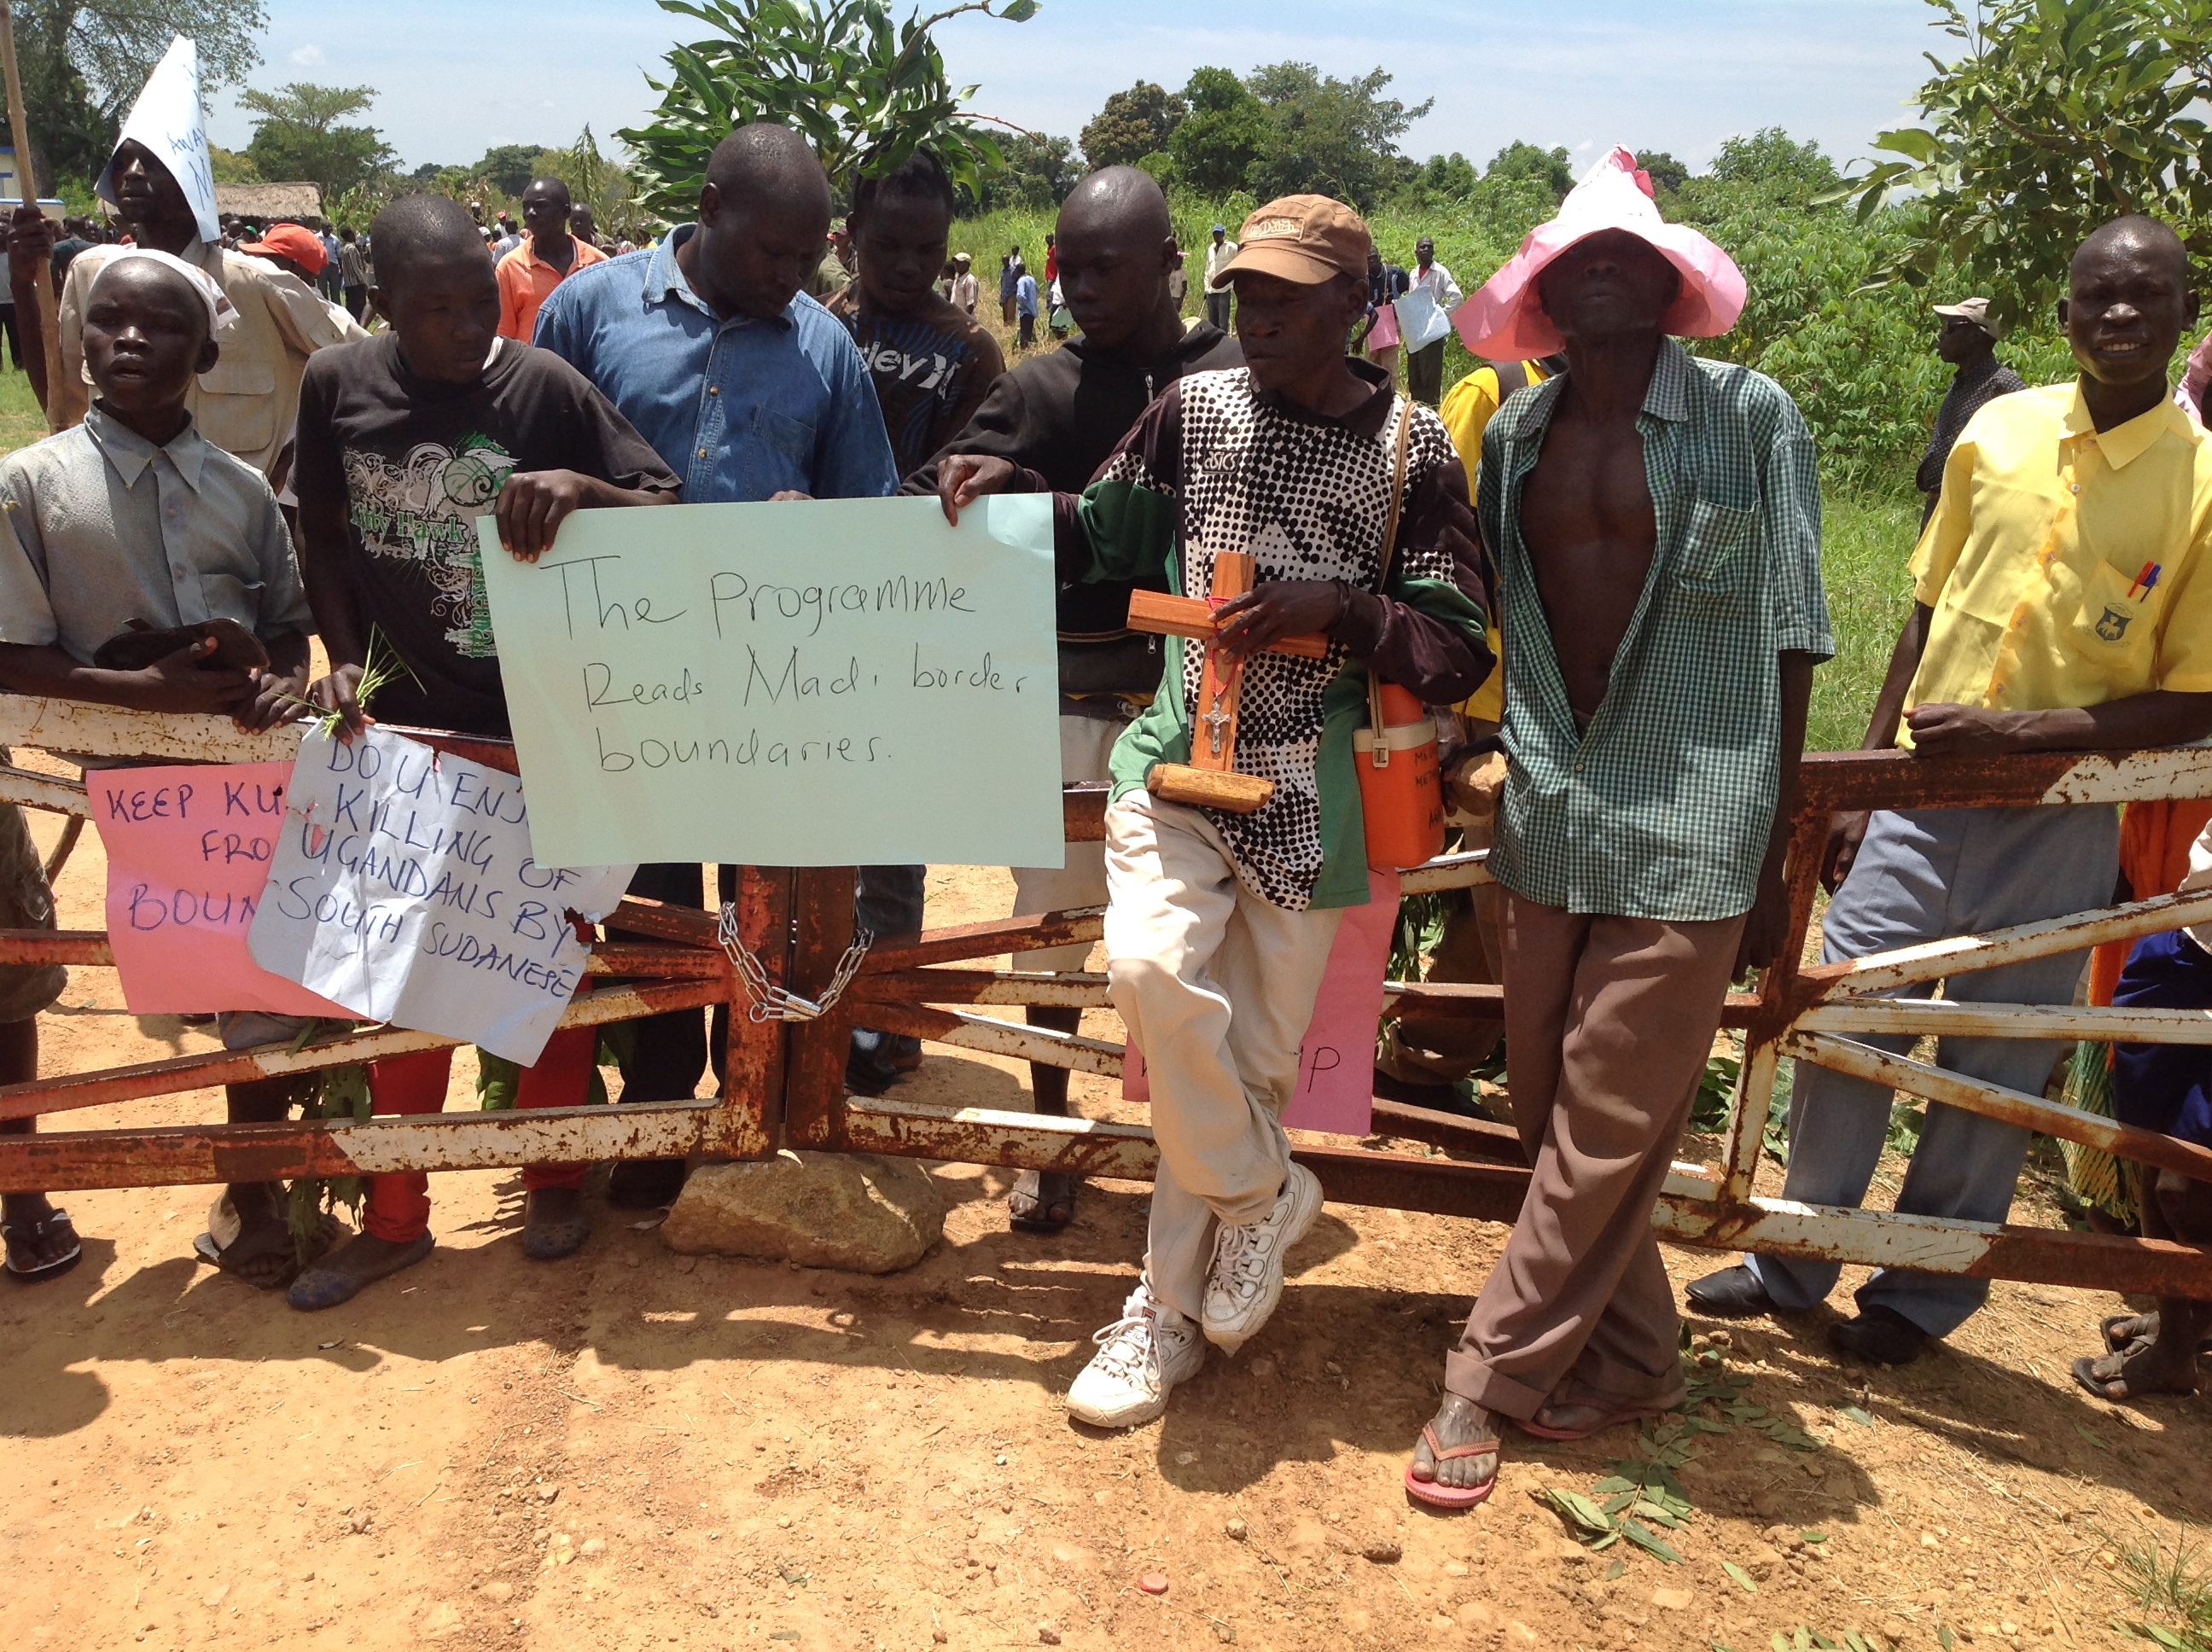 Moyo protestors